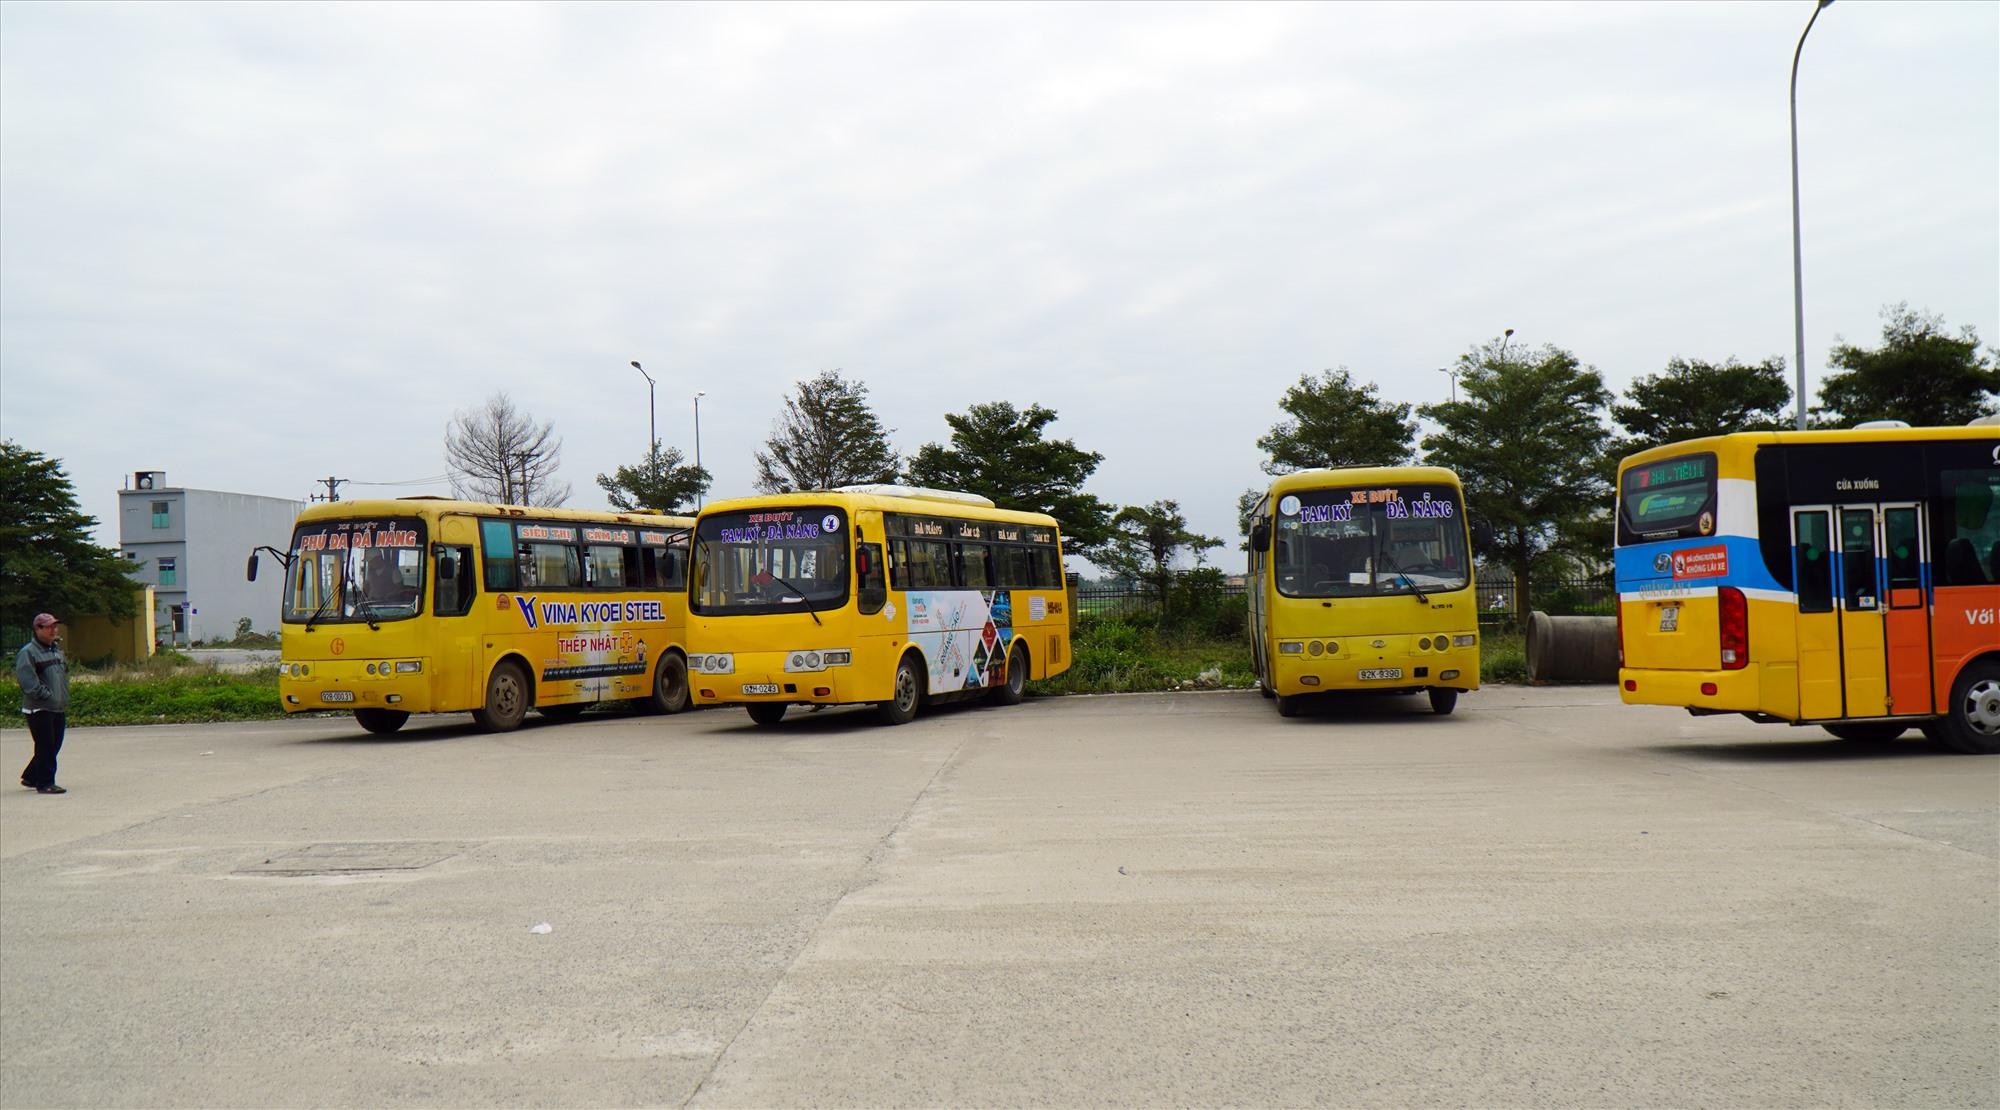 Xe buýt Phú Đa - Đà Nẵng và Tam Kỳ - Đà Nẵng cùng xe buýt Đà Nẵng trung chuyển tại bến xe Đức Long Đà Nẵng. Ảnh V.S